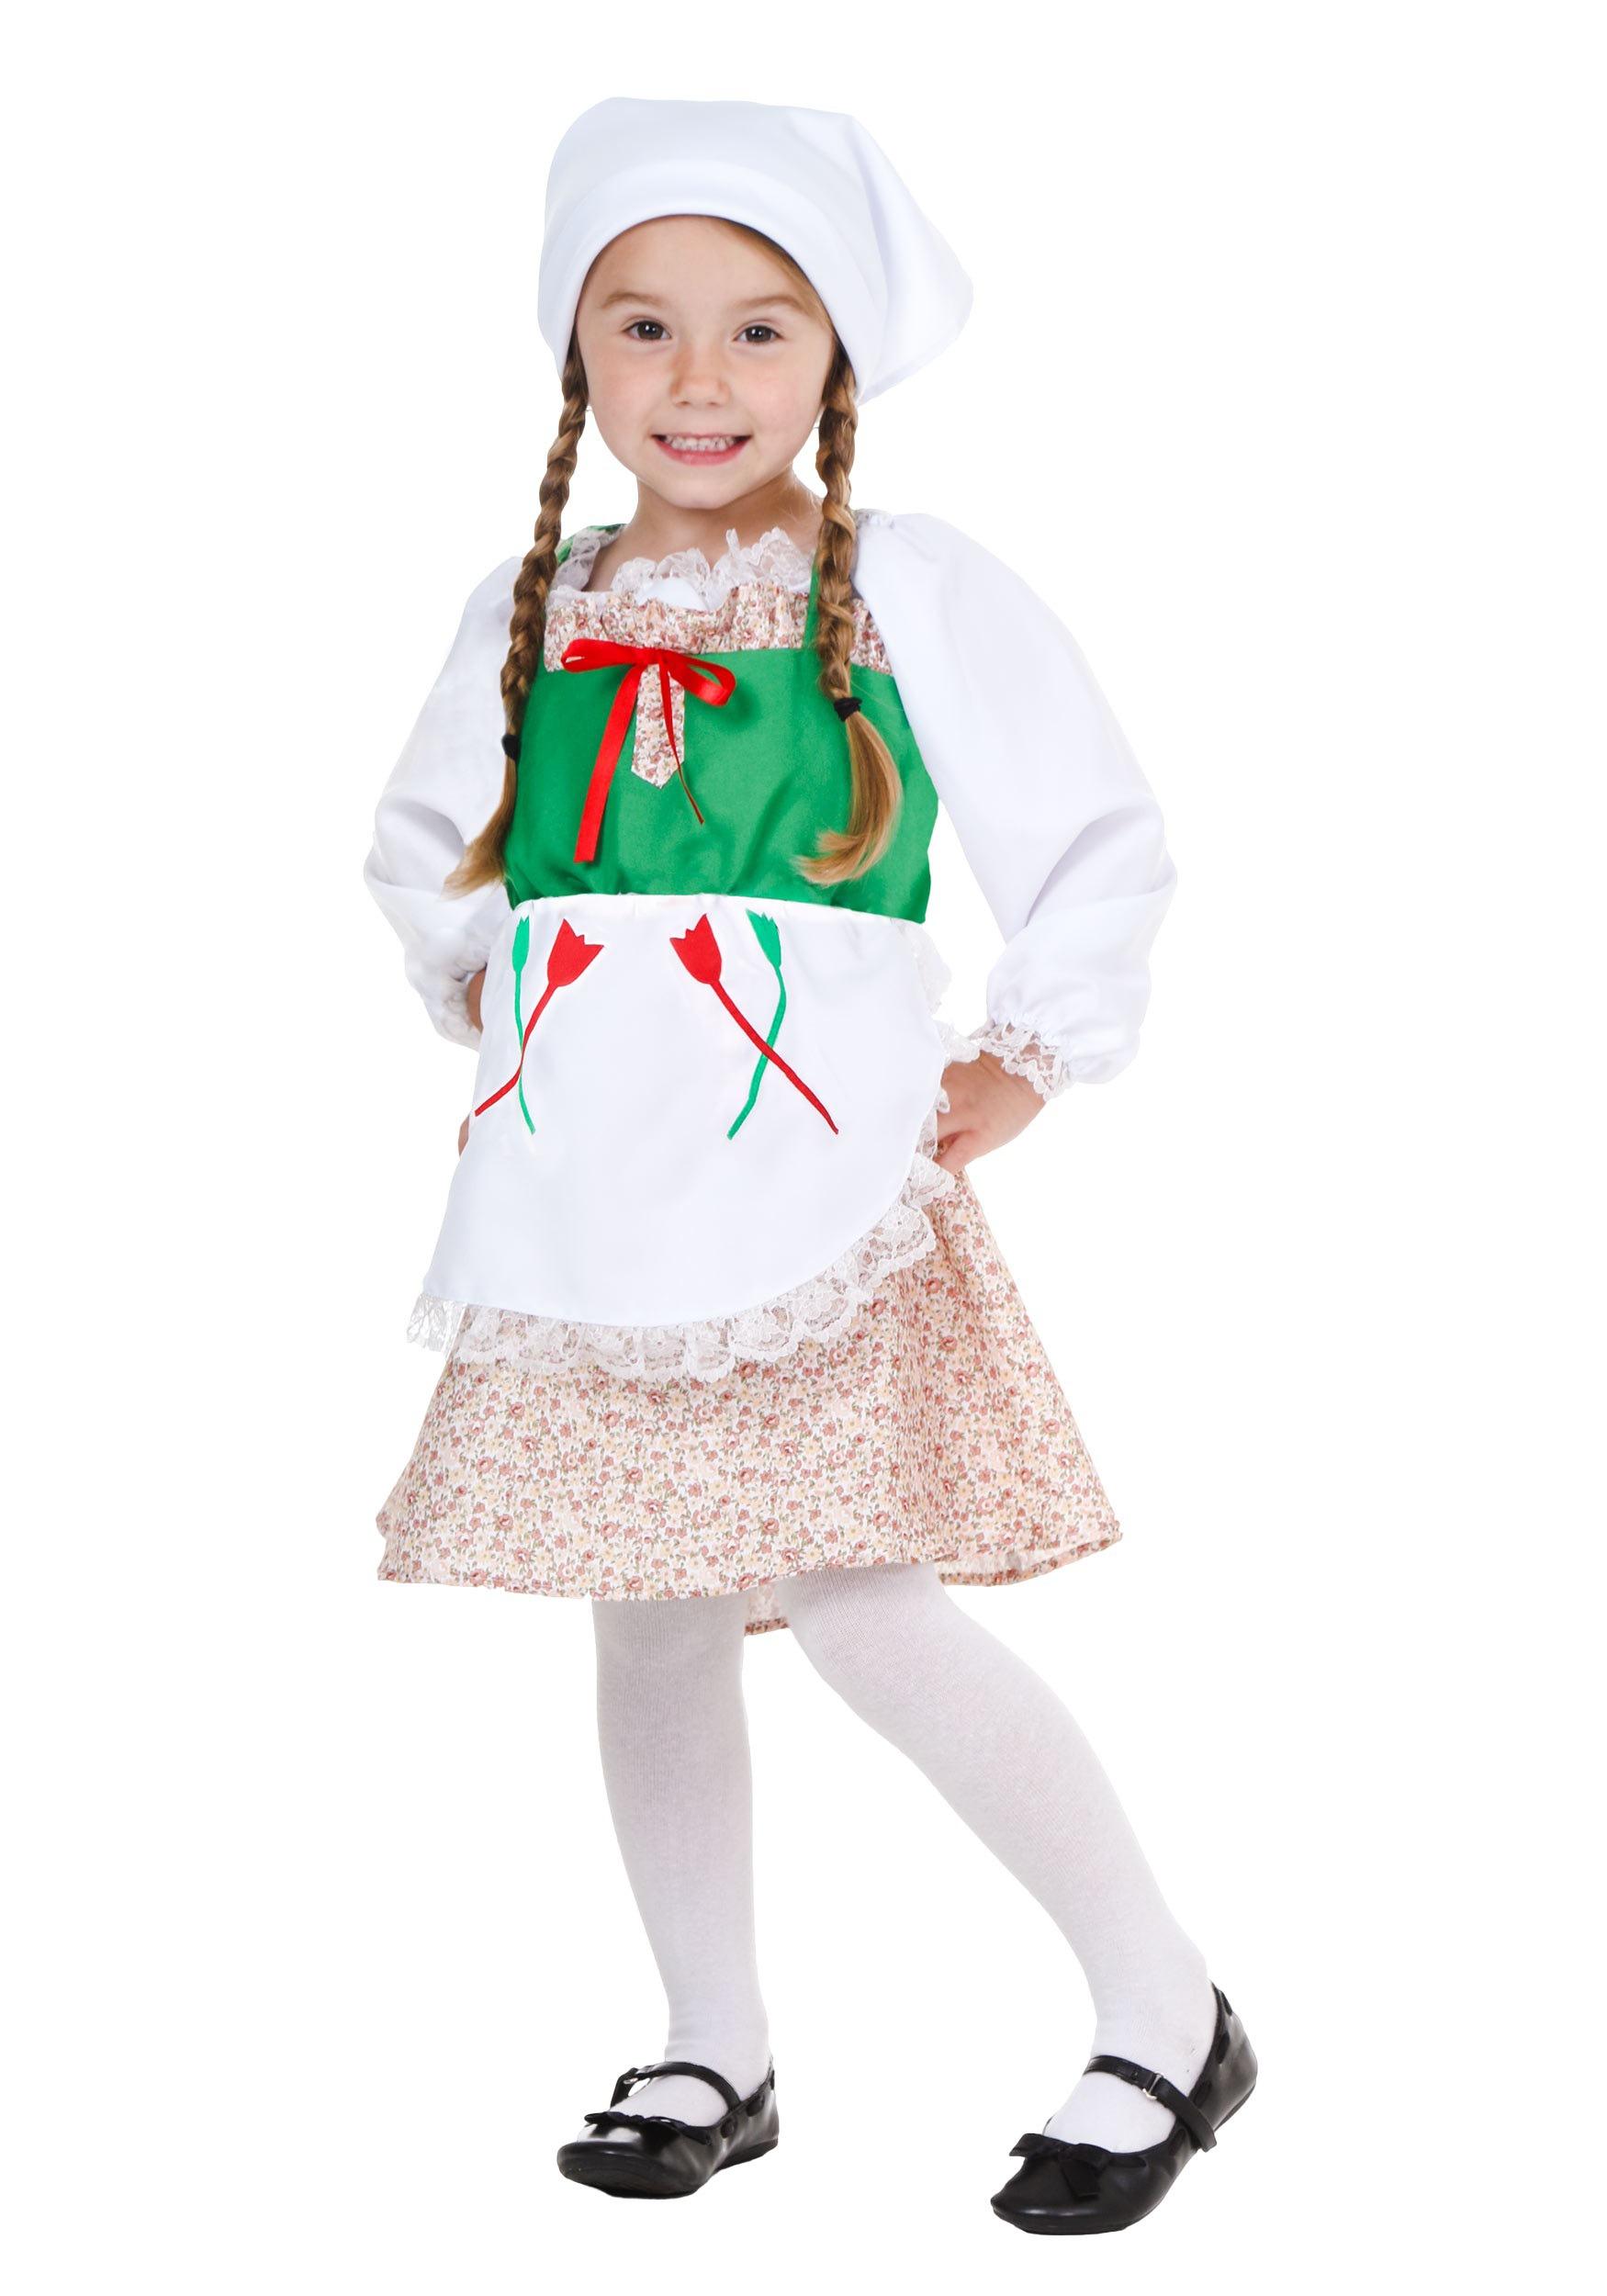 Toddler Deluxe German Costume  sc 1 st  Halloween Costumes & German Costumes - Adult Sexy German Beer Girl Costume